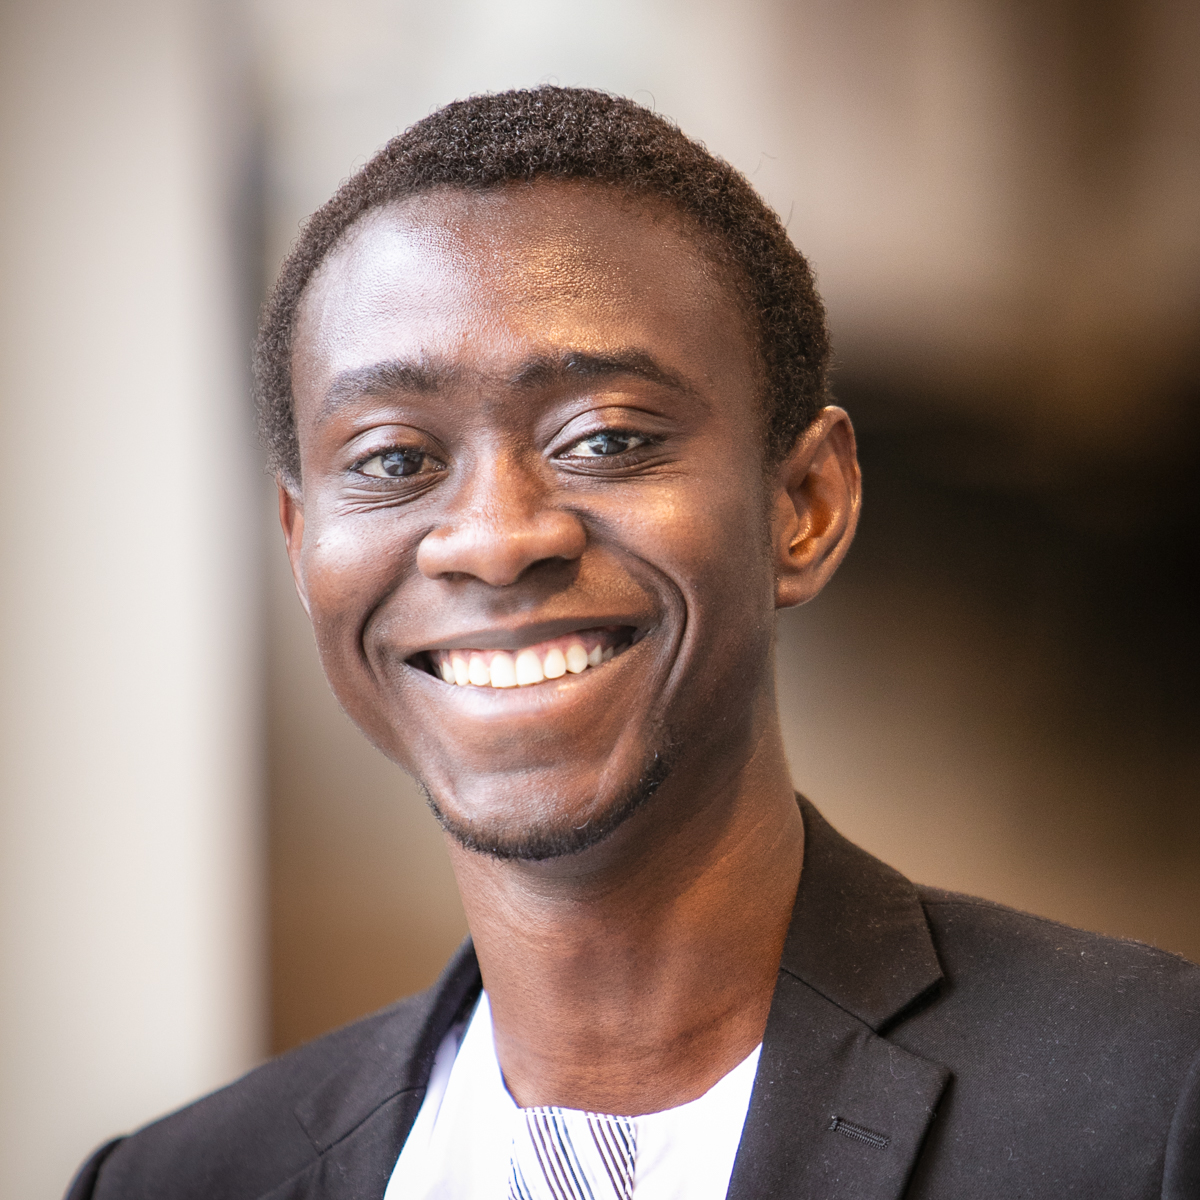 Portrait of graduate student Abdul-Rahim Abdulai